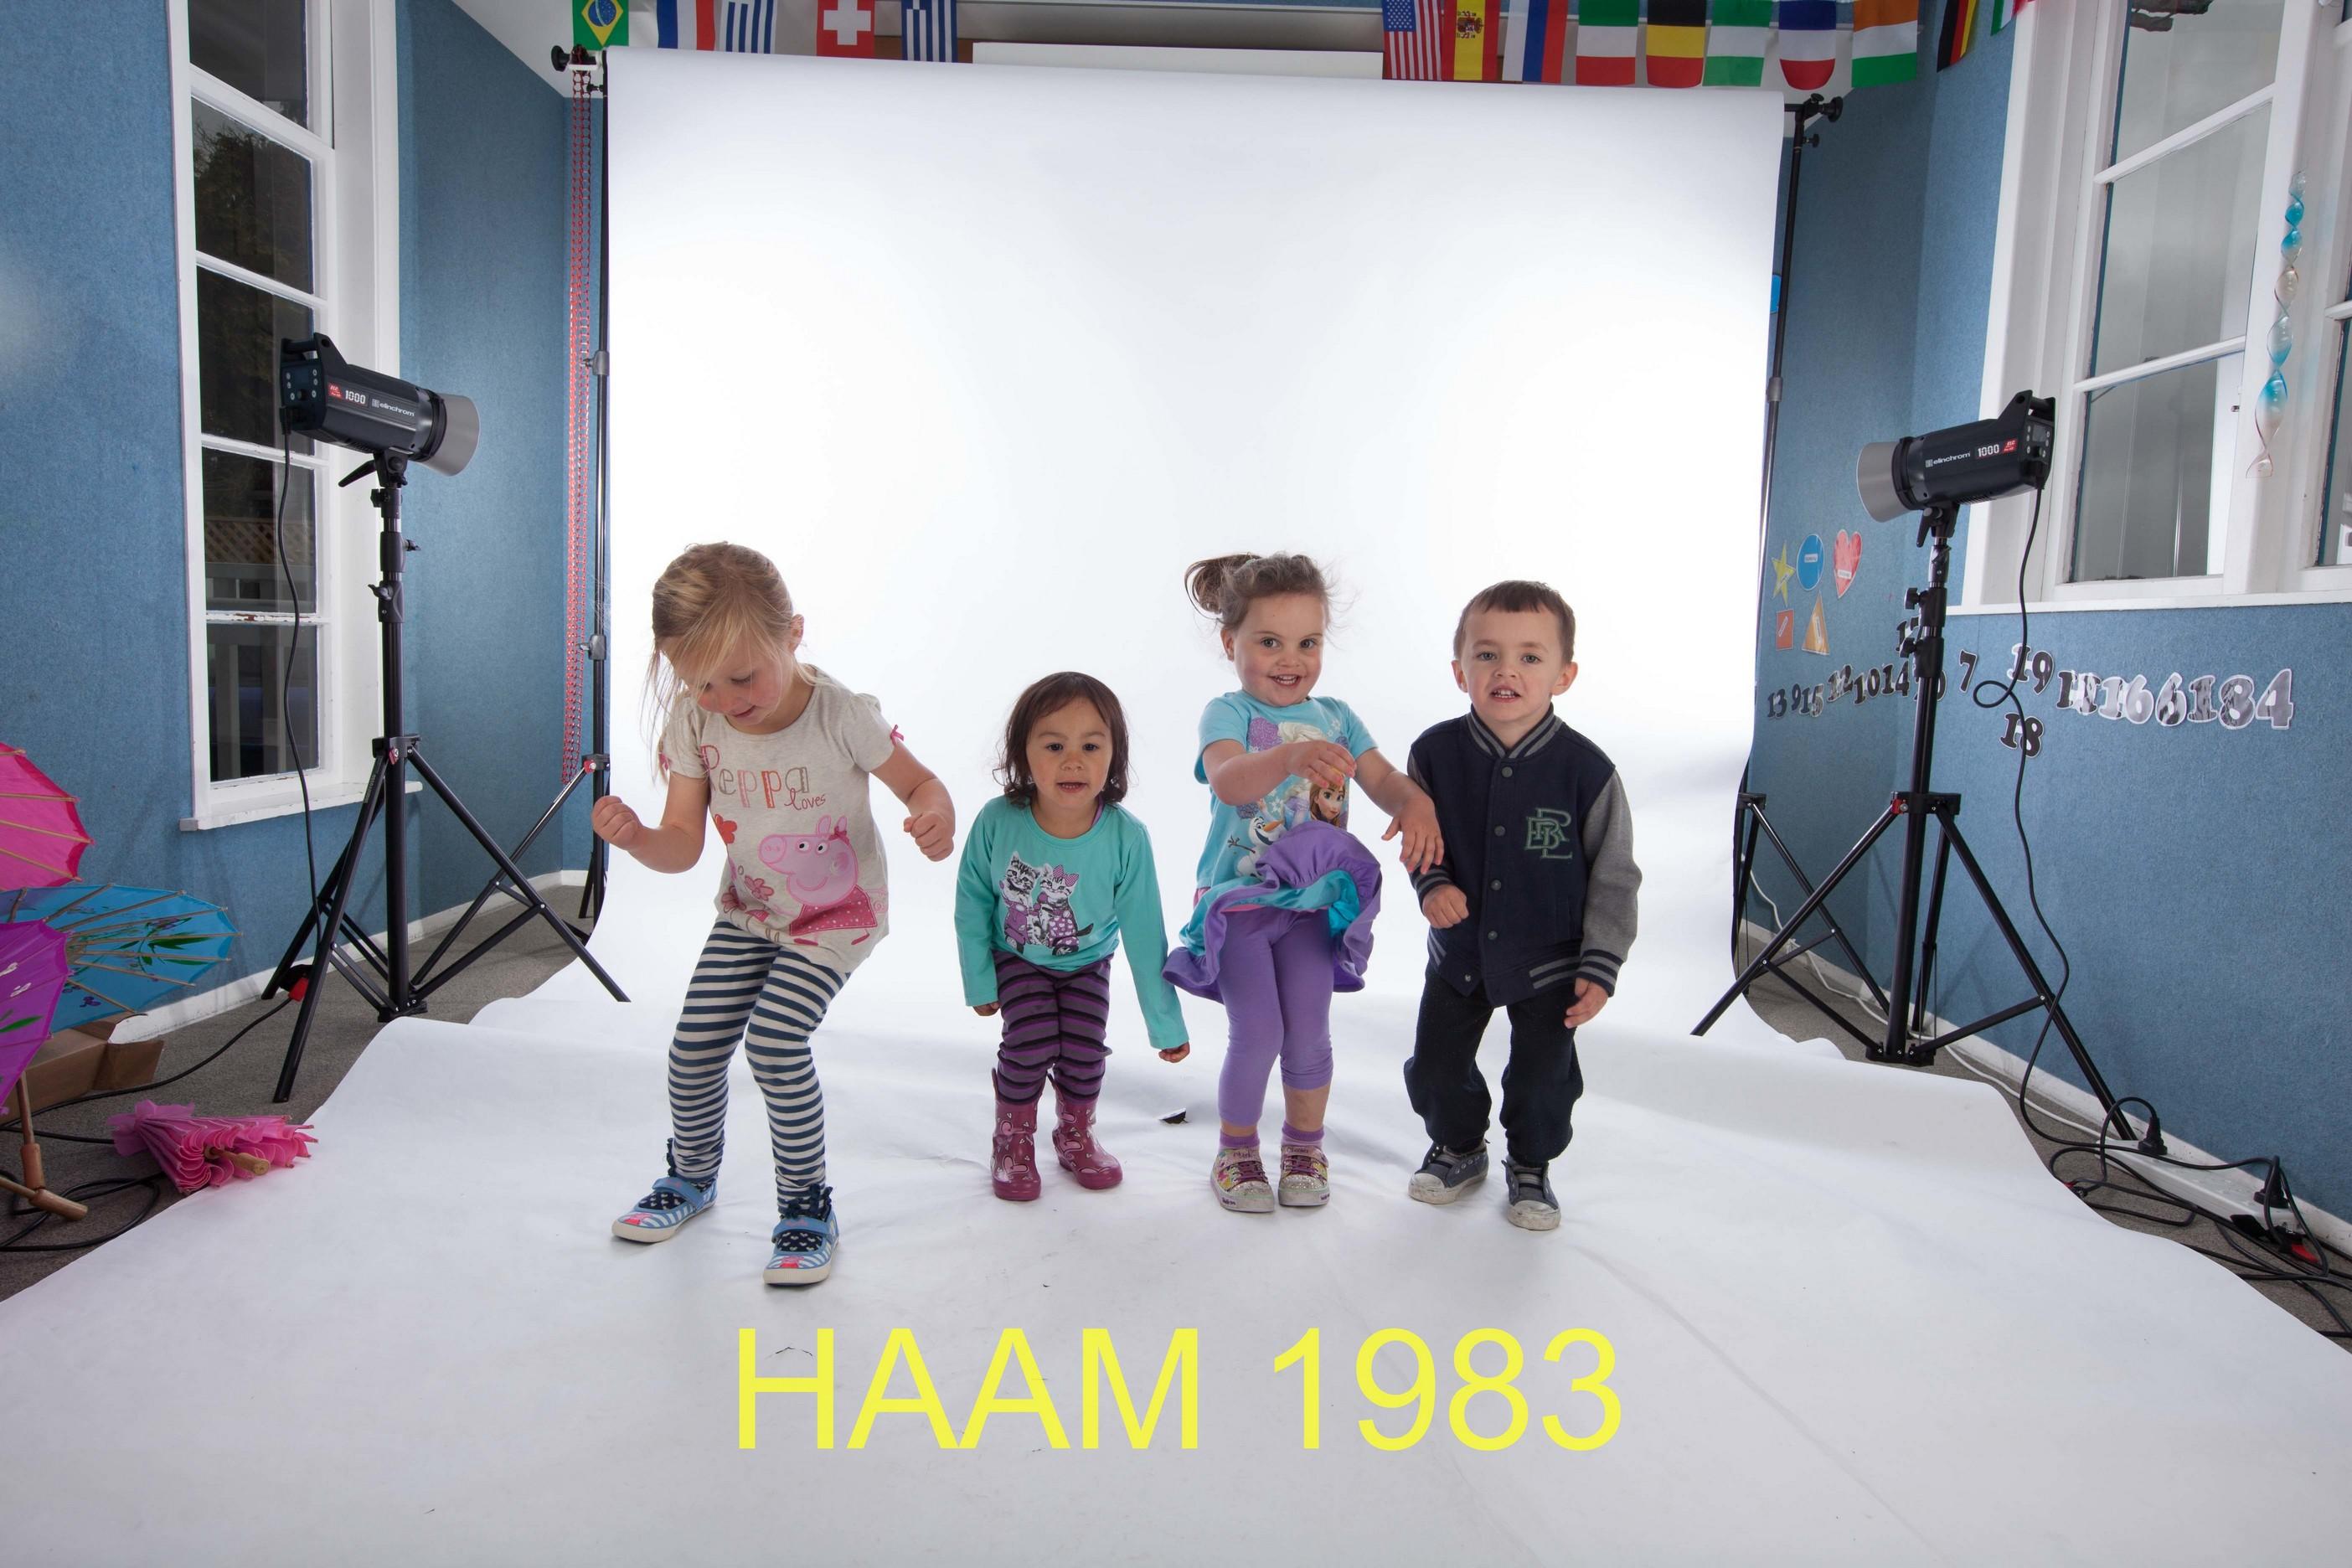 HAAM 1983